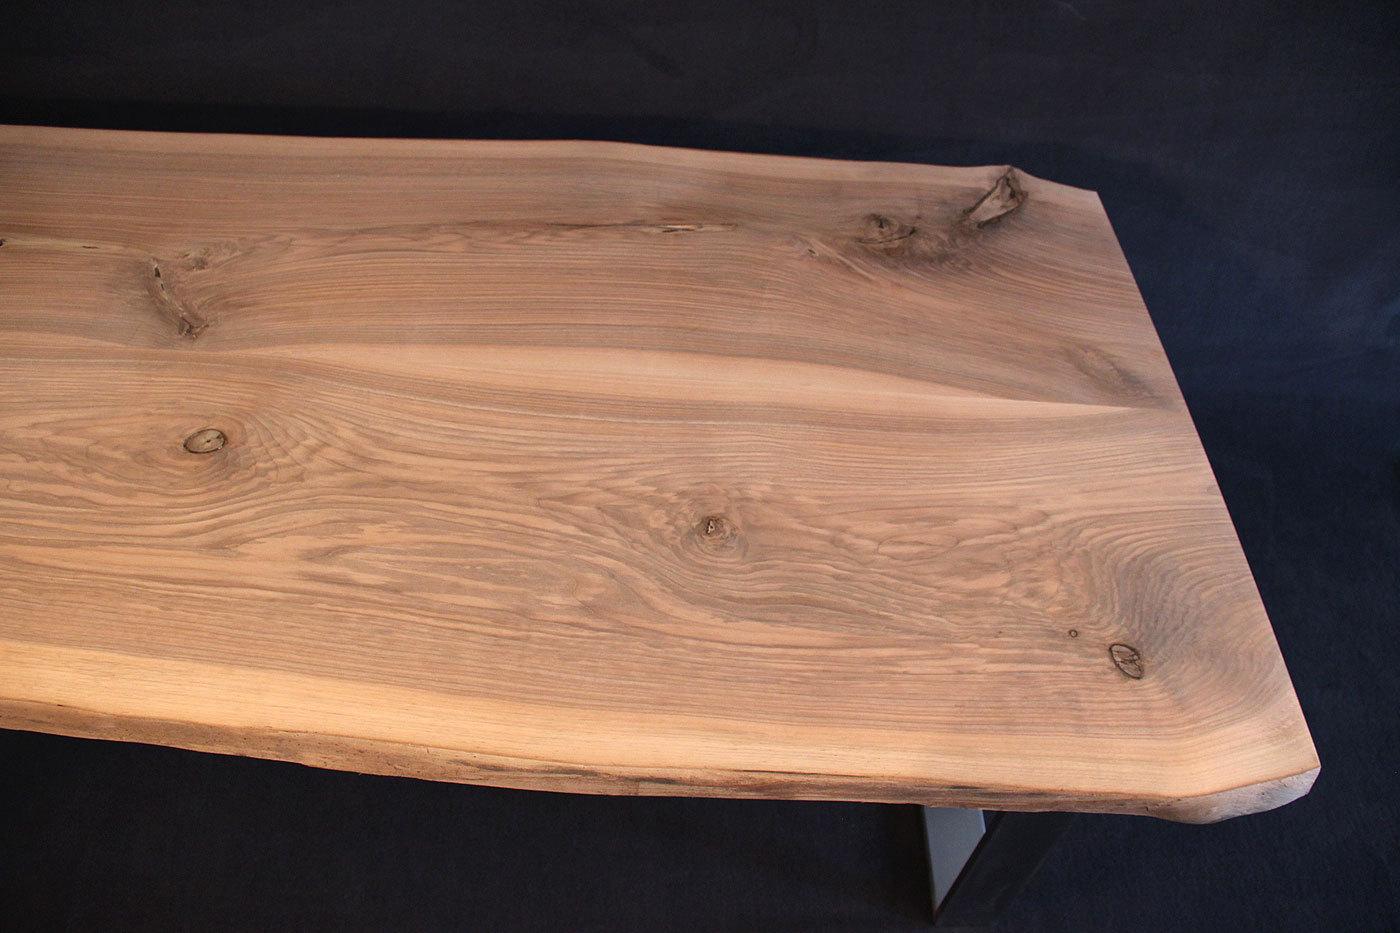 Tischplatte Massivholz Baumkante ~ Tischplatte mit Baumkante Massivholz Kaukasischer Nussbaum Rustikal [R